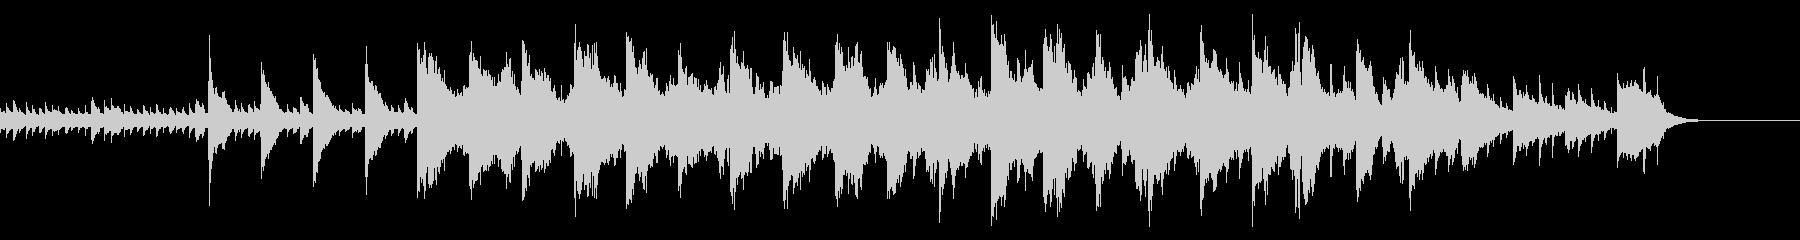 ピアノ曲 回想シーンや試練のシーンの未再生の波形